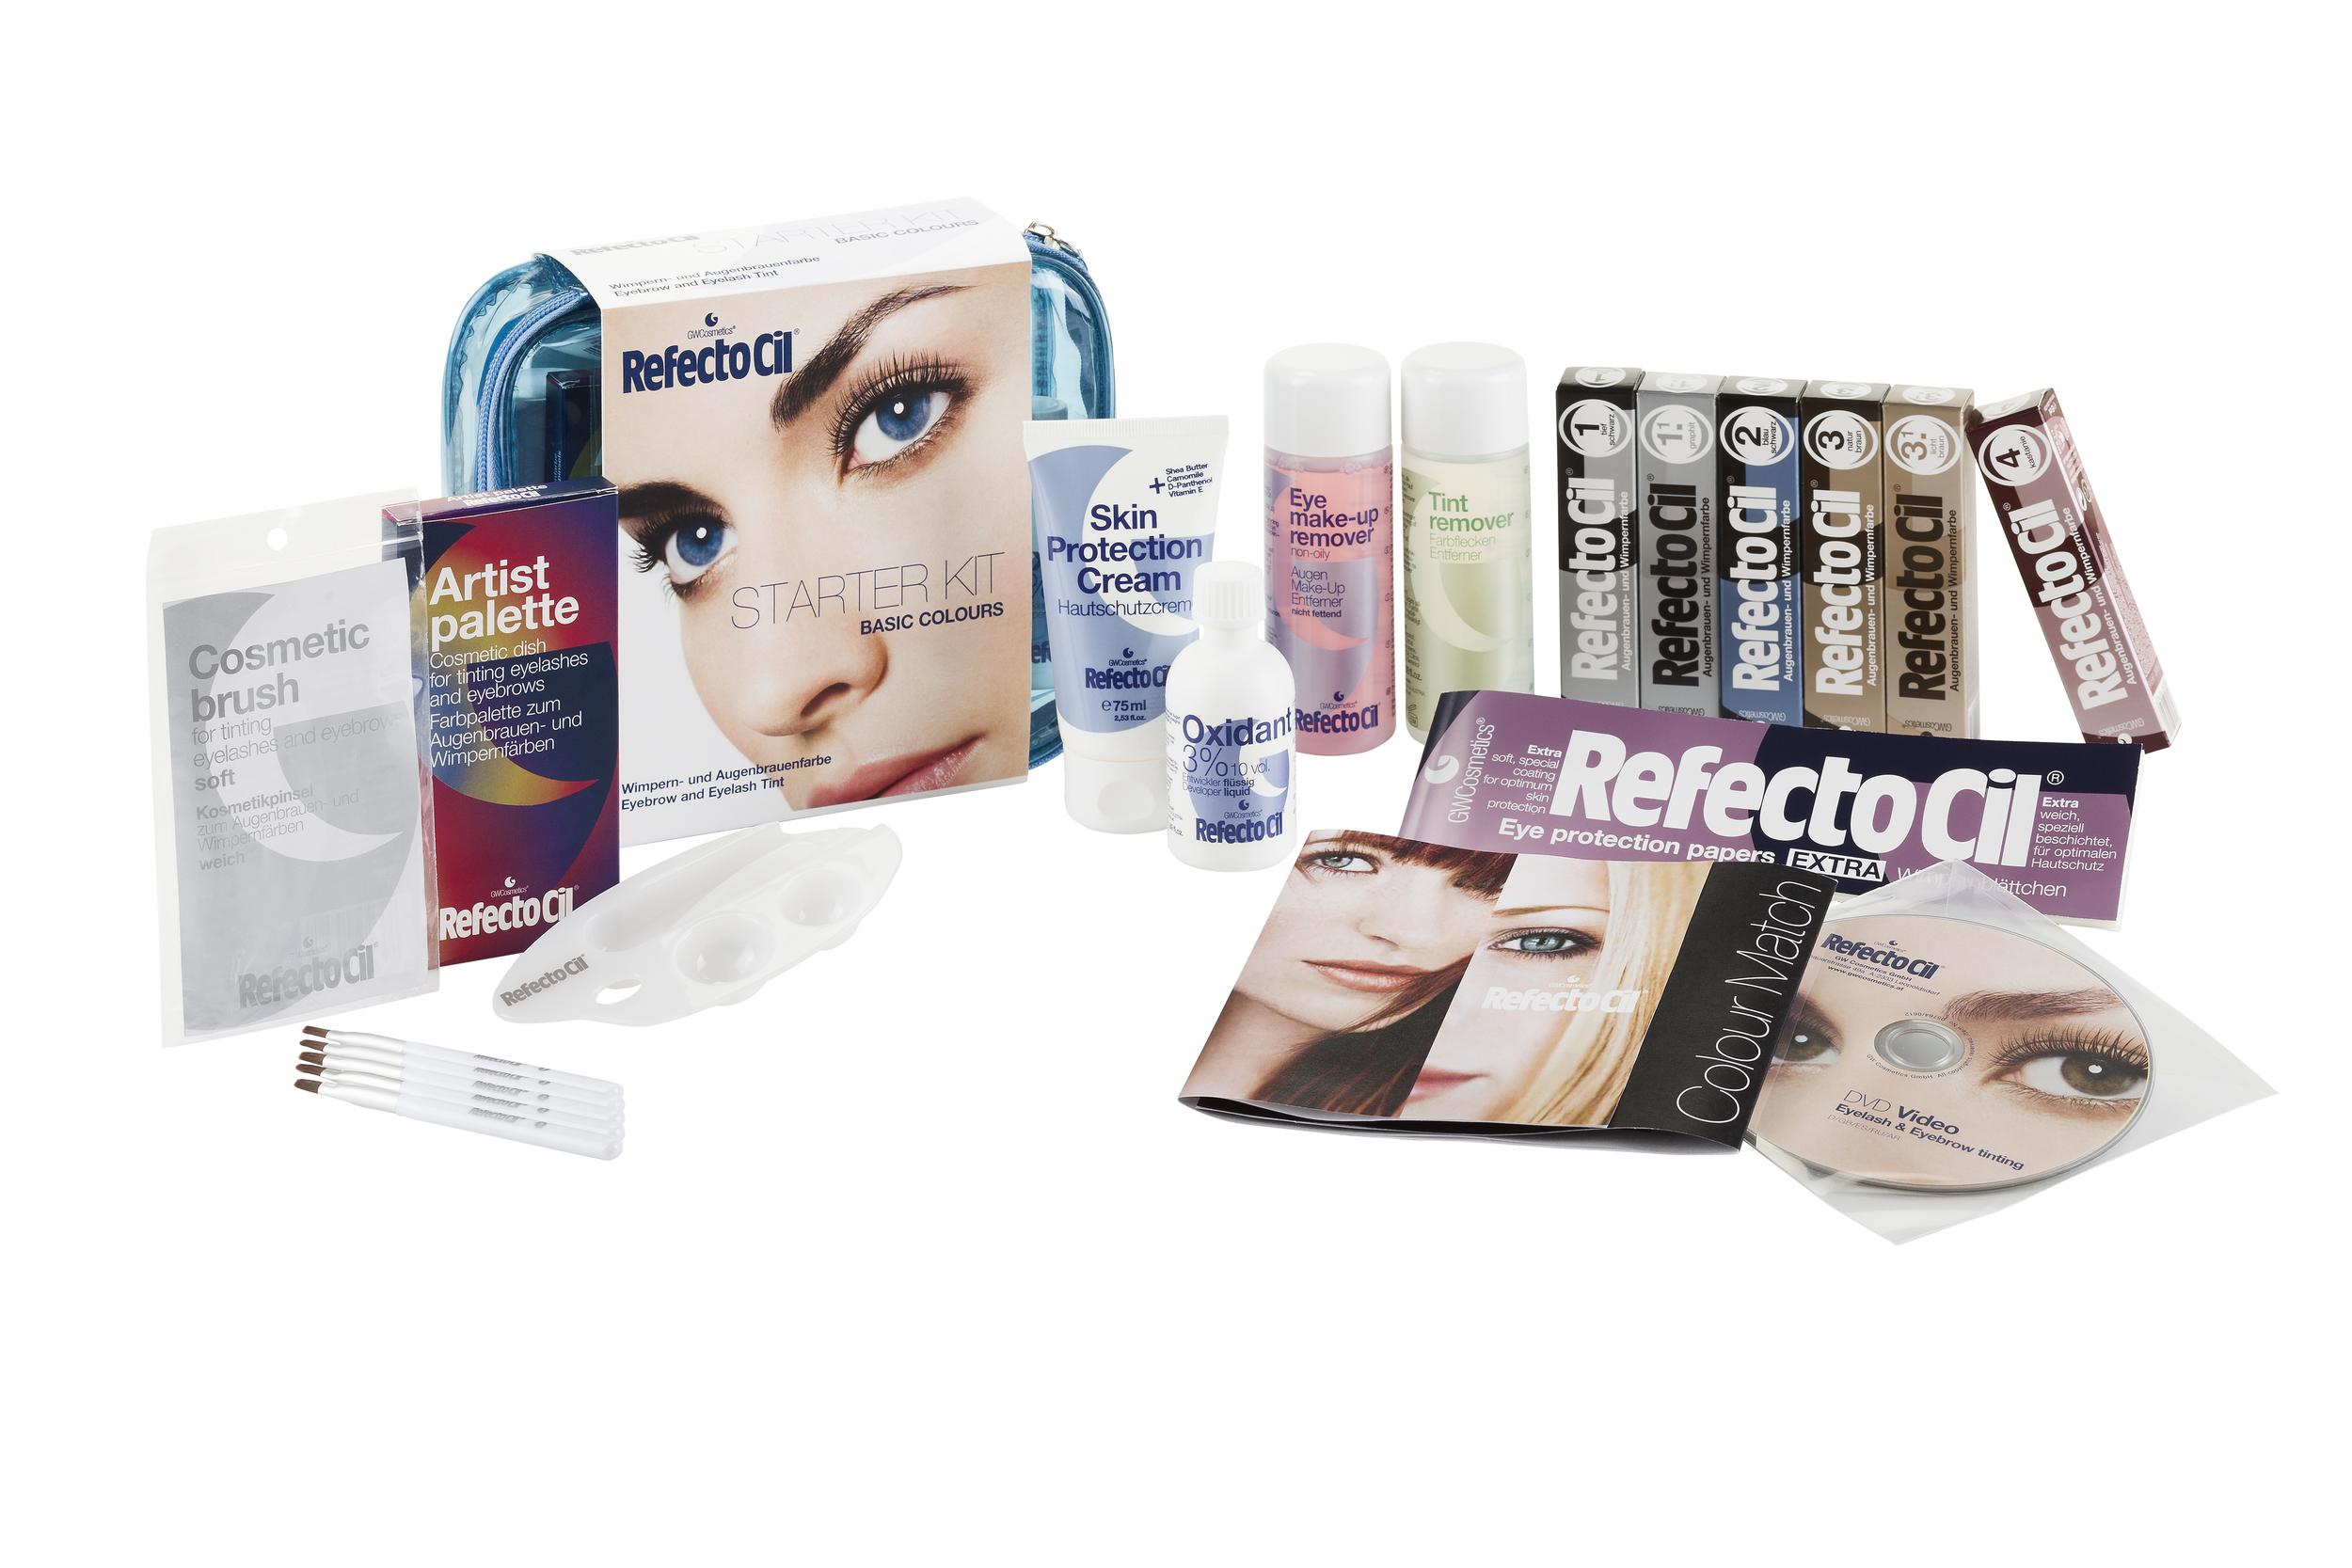 RefectoCil Starter Kit - Basic